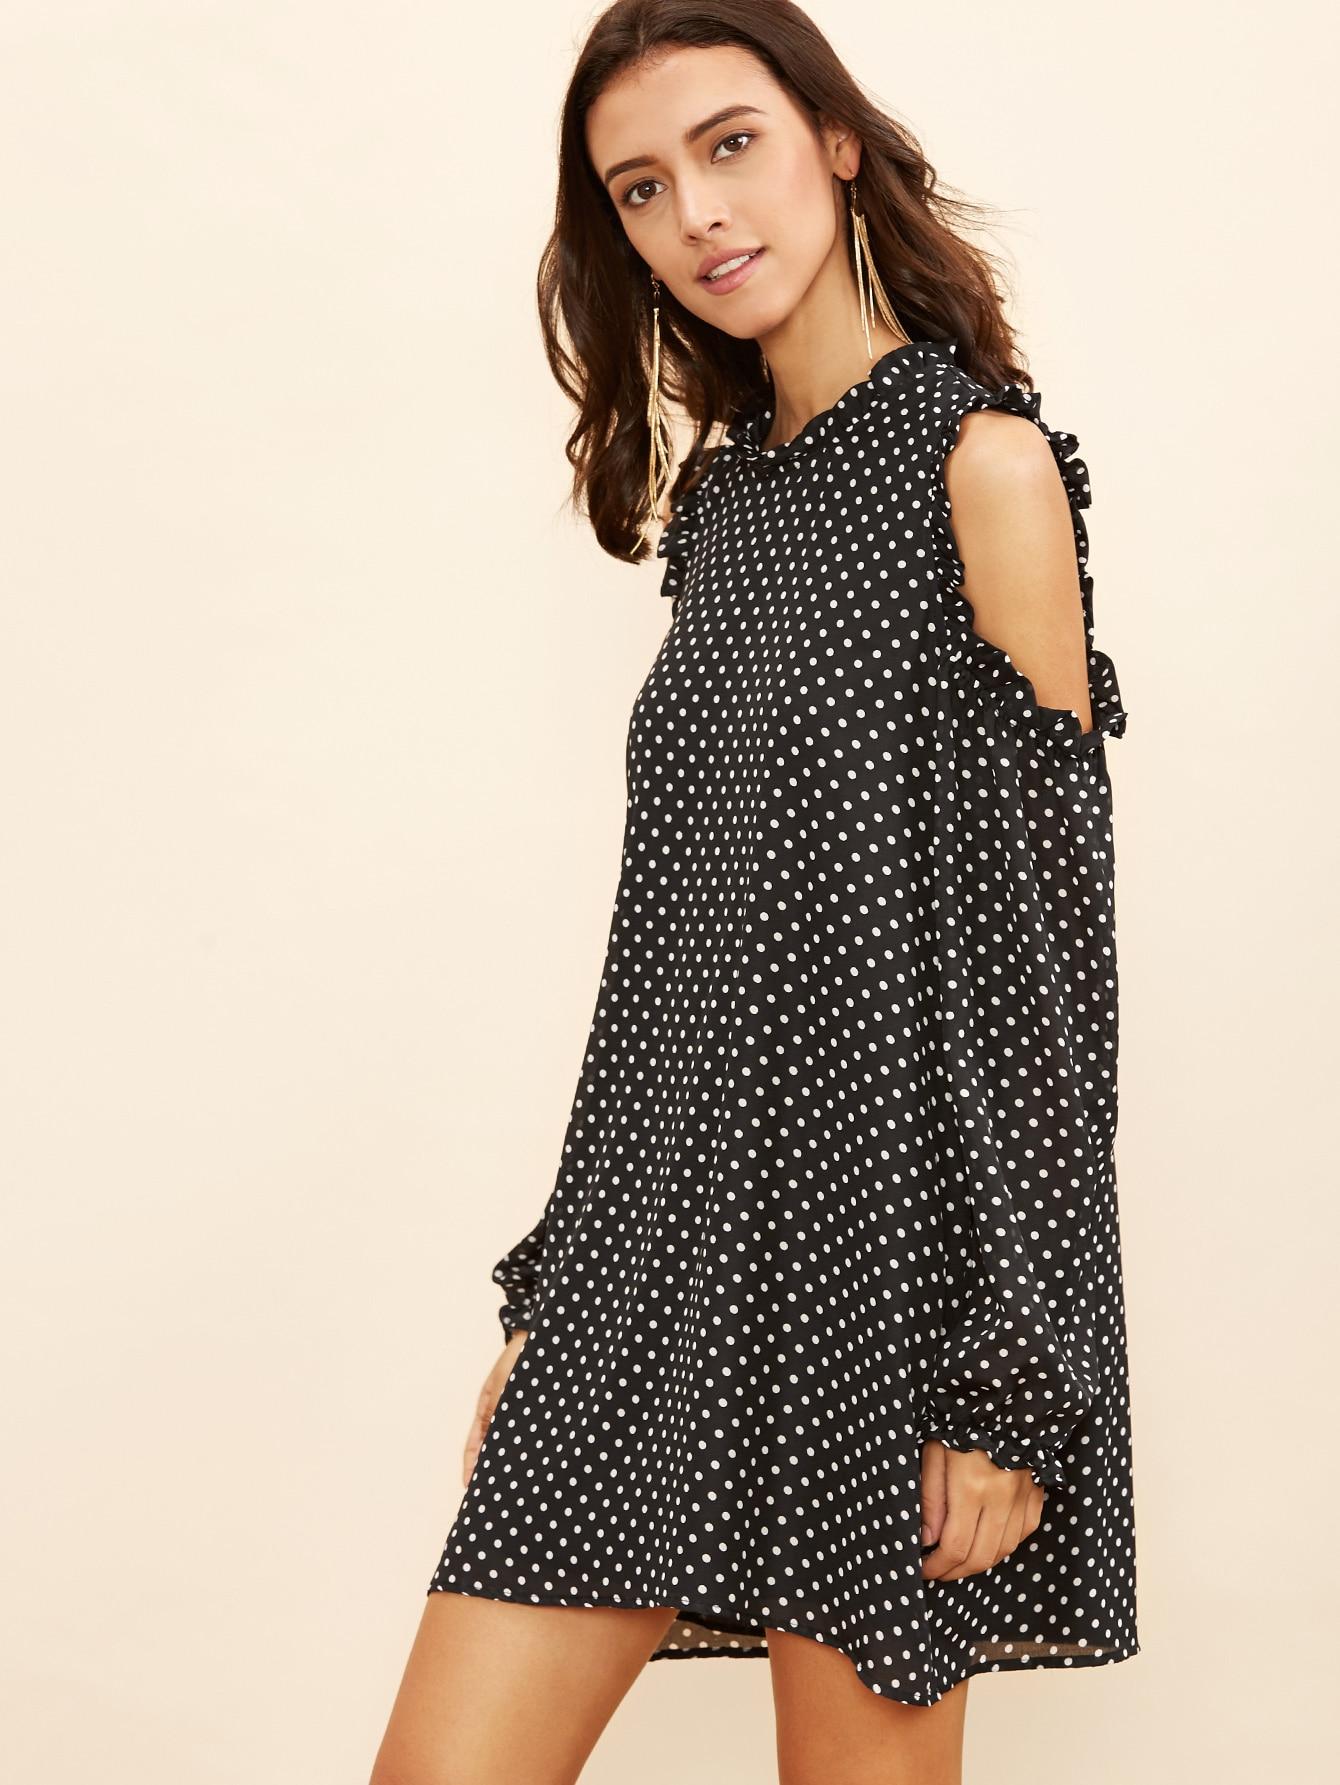 dress160901101_2